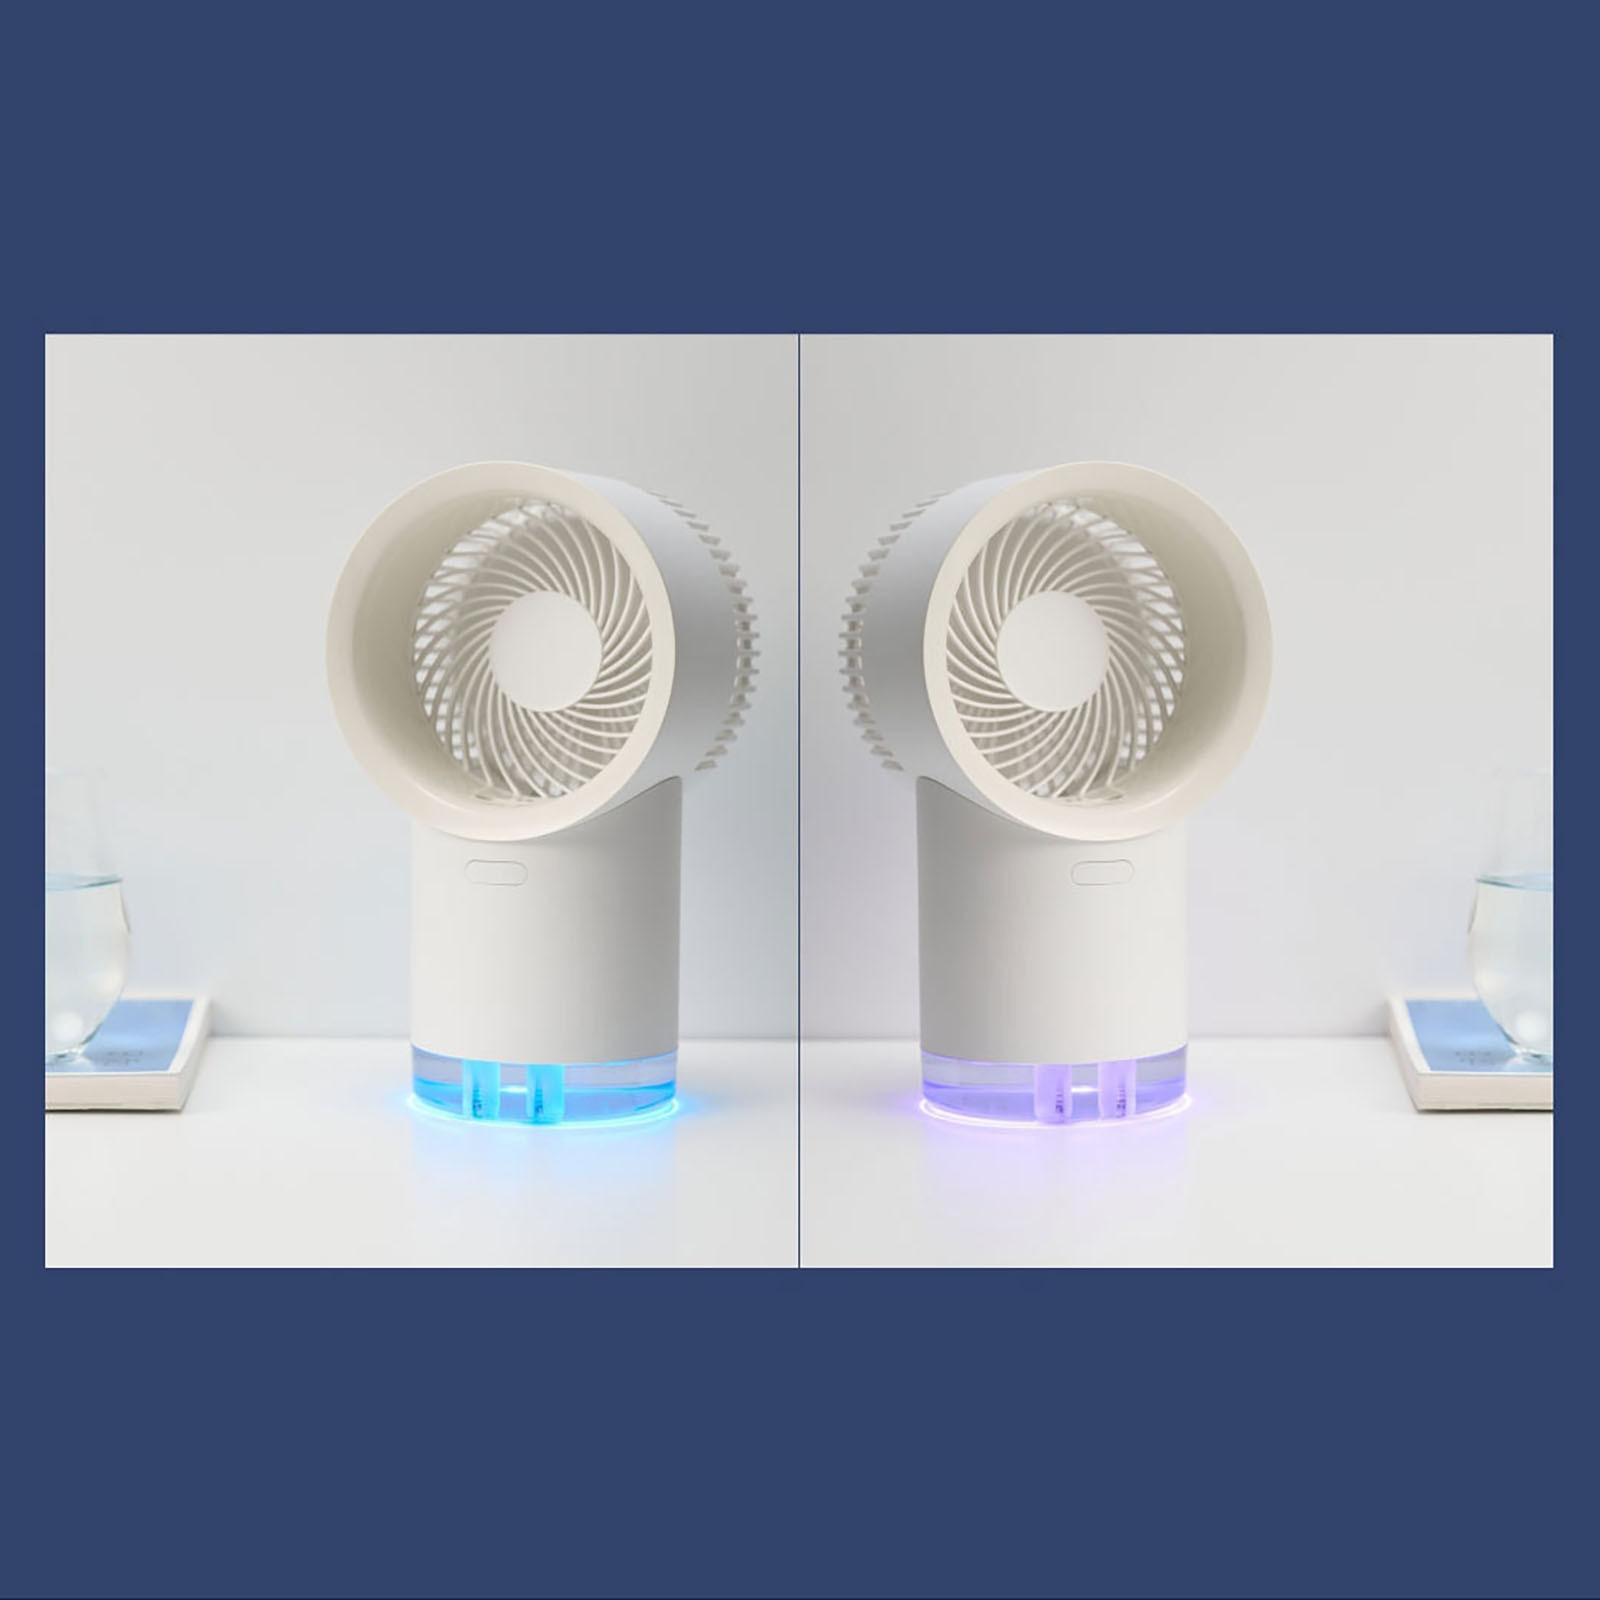 spray portátil usb ventilador de refrigeração ventilador